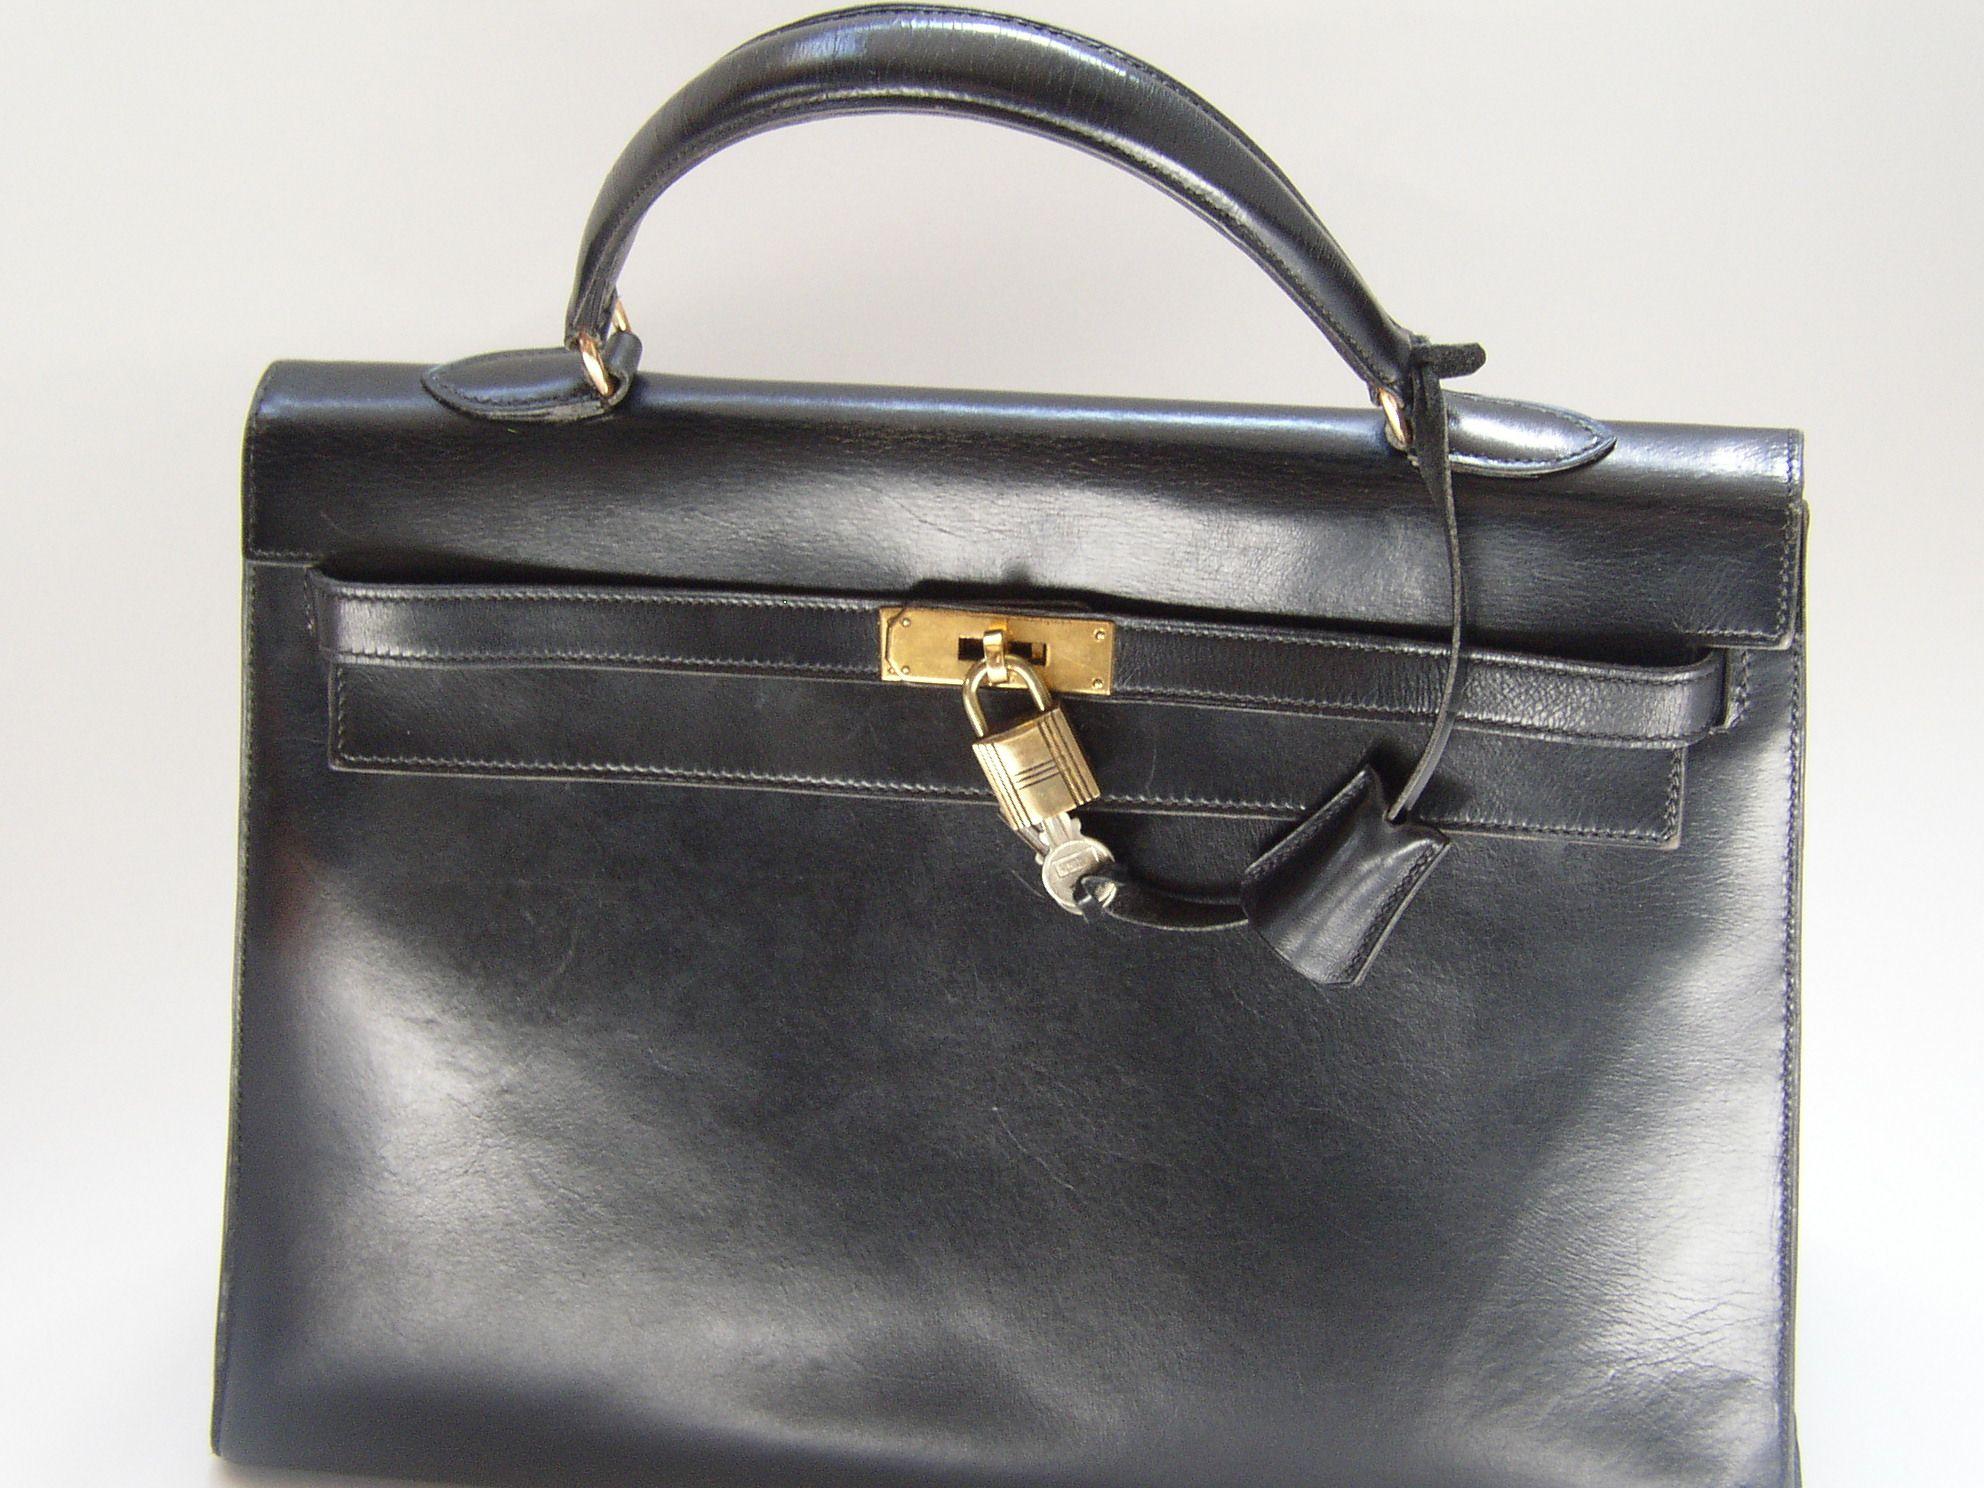 hermes vintage kelly handbag hermes purses prices. Black Bedroom Furniture Sets. Home Design Ideas